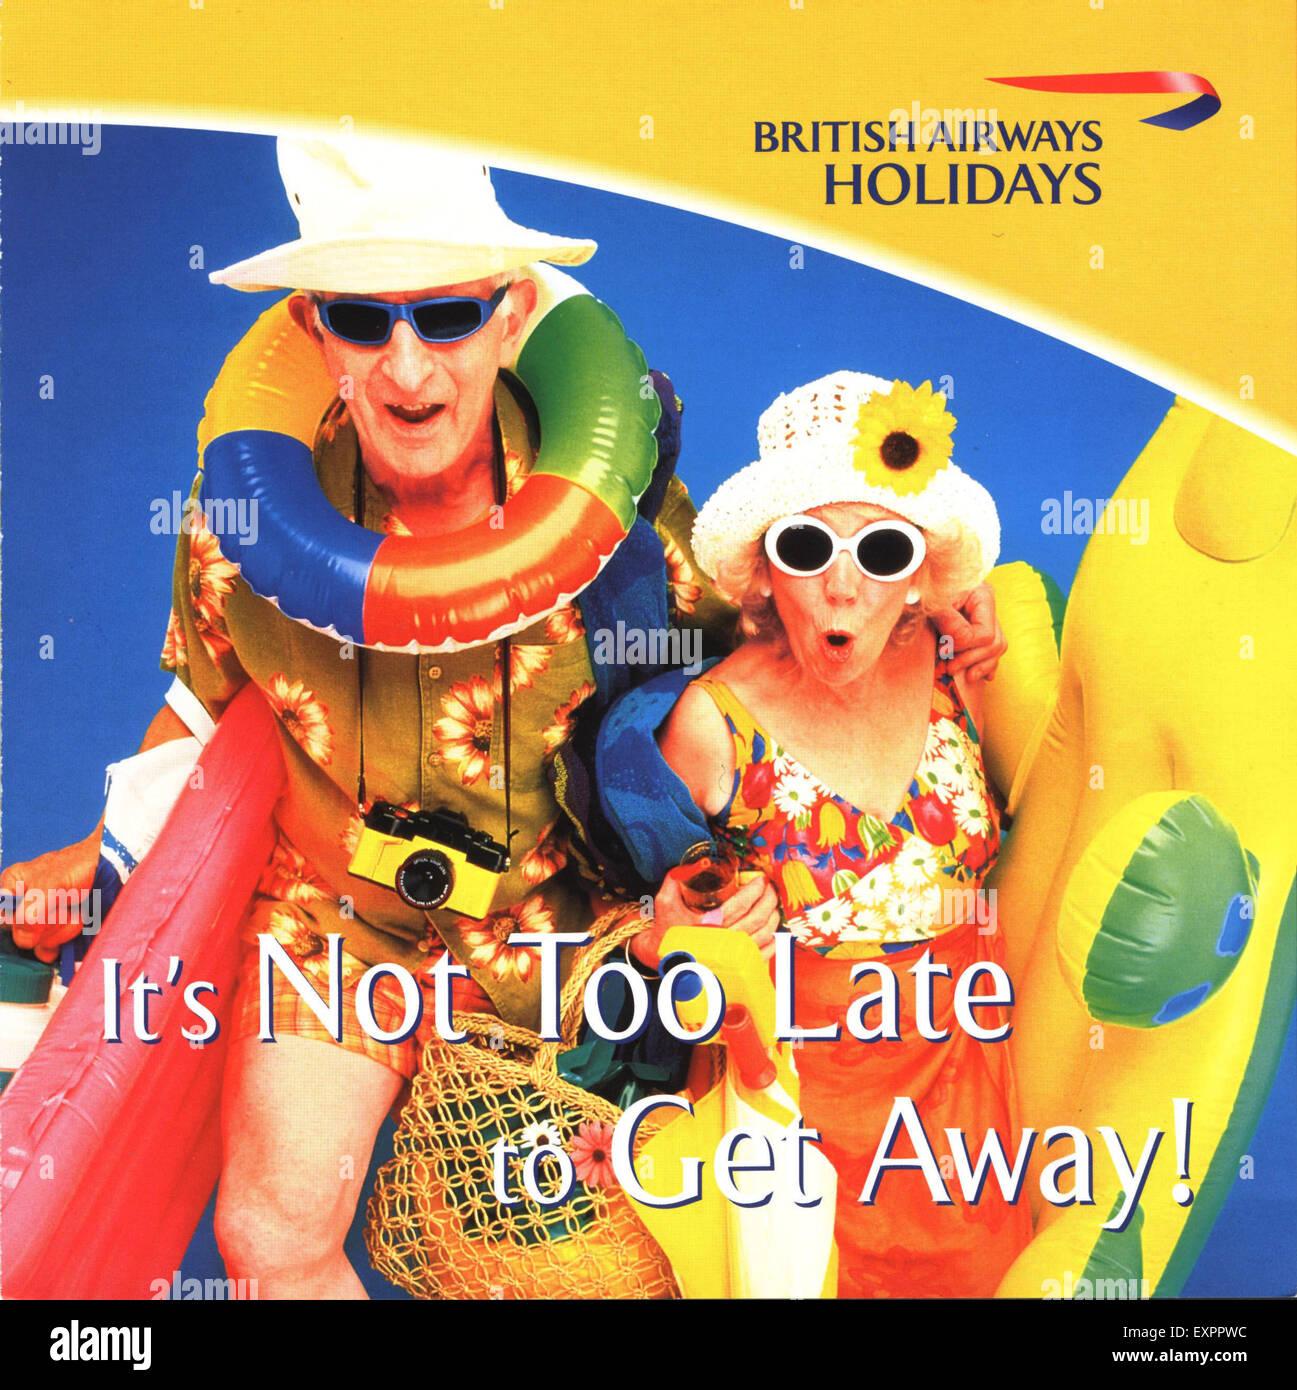 2000s UK British Airways Magazine Advert - Stock Image